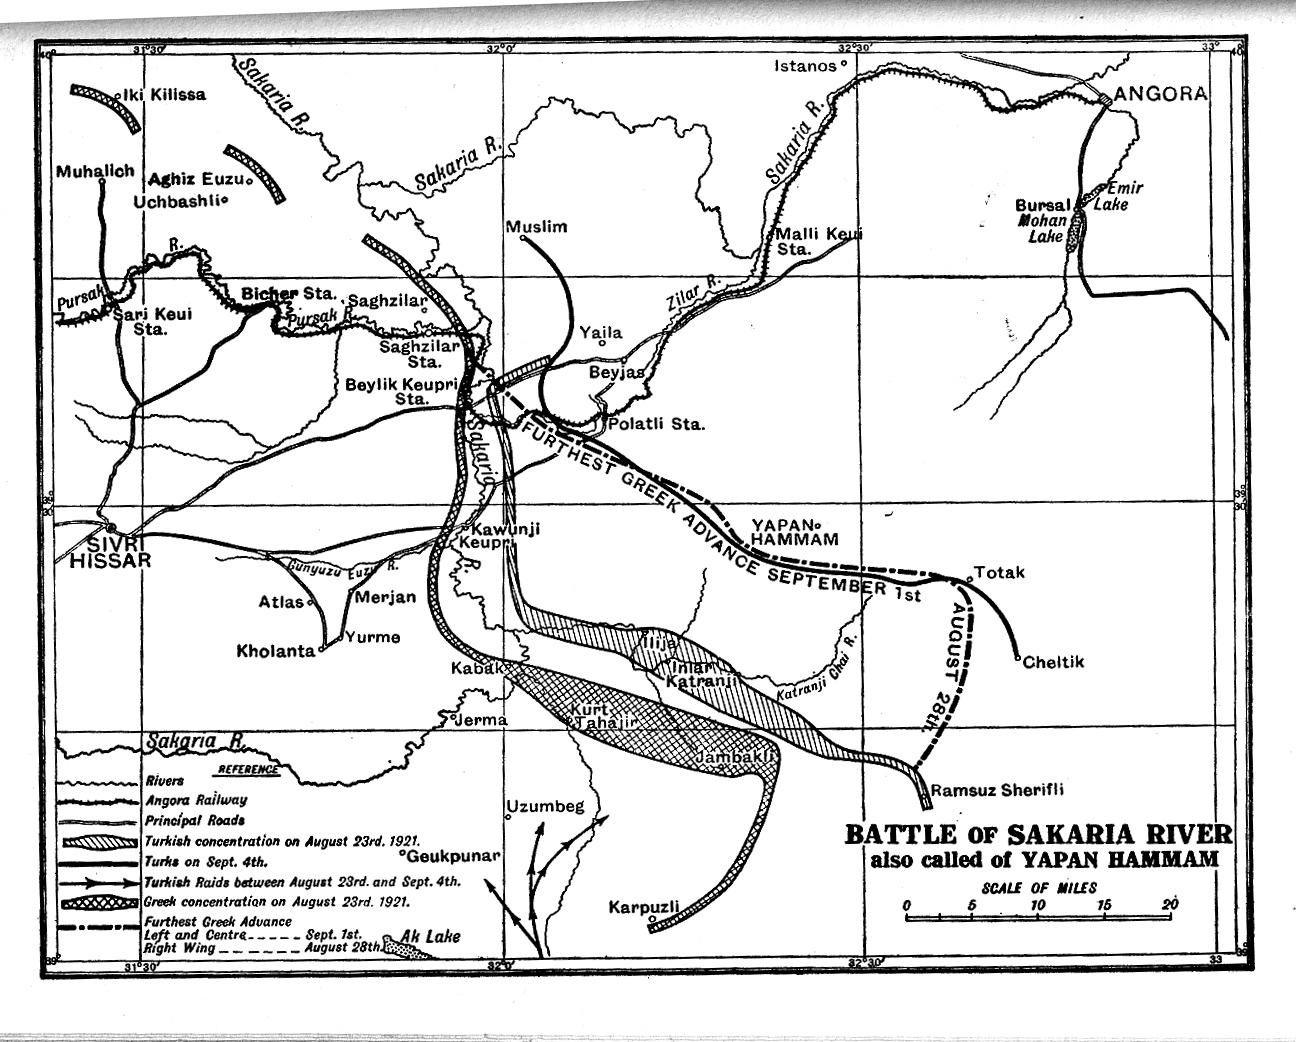 battle of sakarya map ile ilgili görsel sonucu